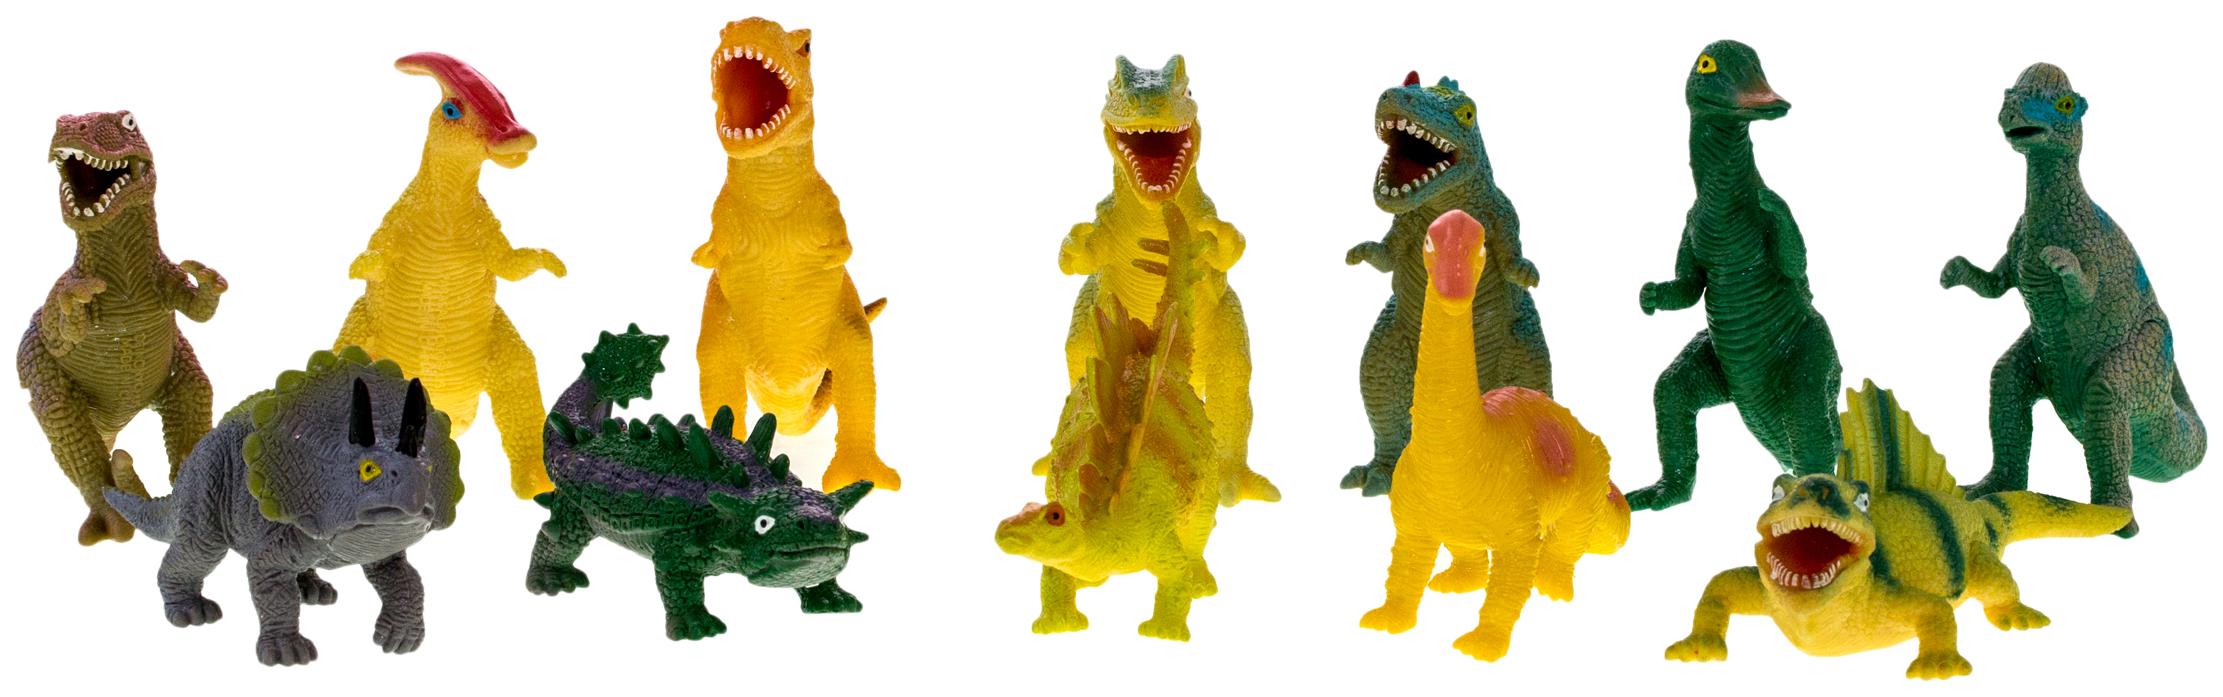 Купить Фигурка HGL Megasaurs SV12064 Динозавр резиновый в ассортименте, Игровые фигурки